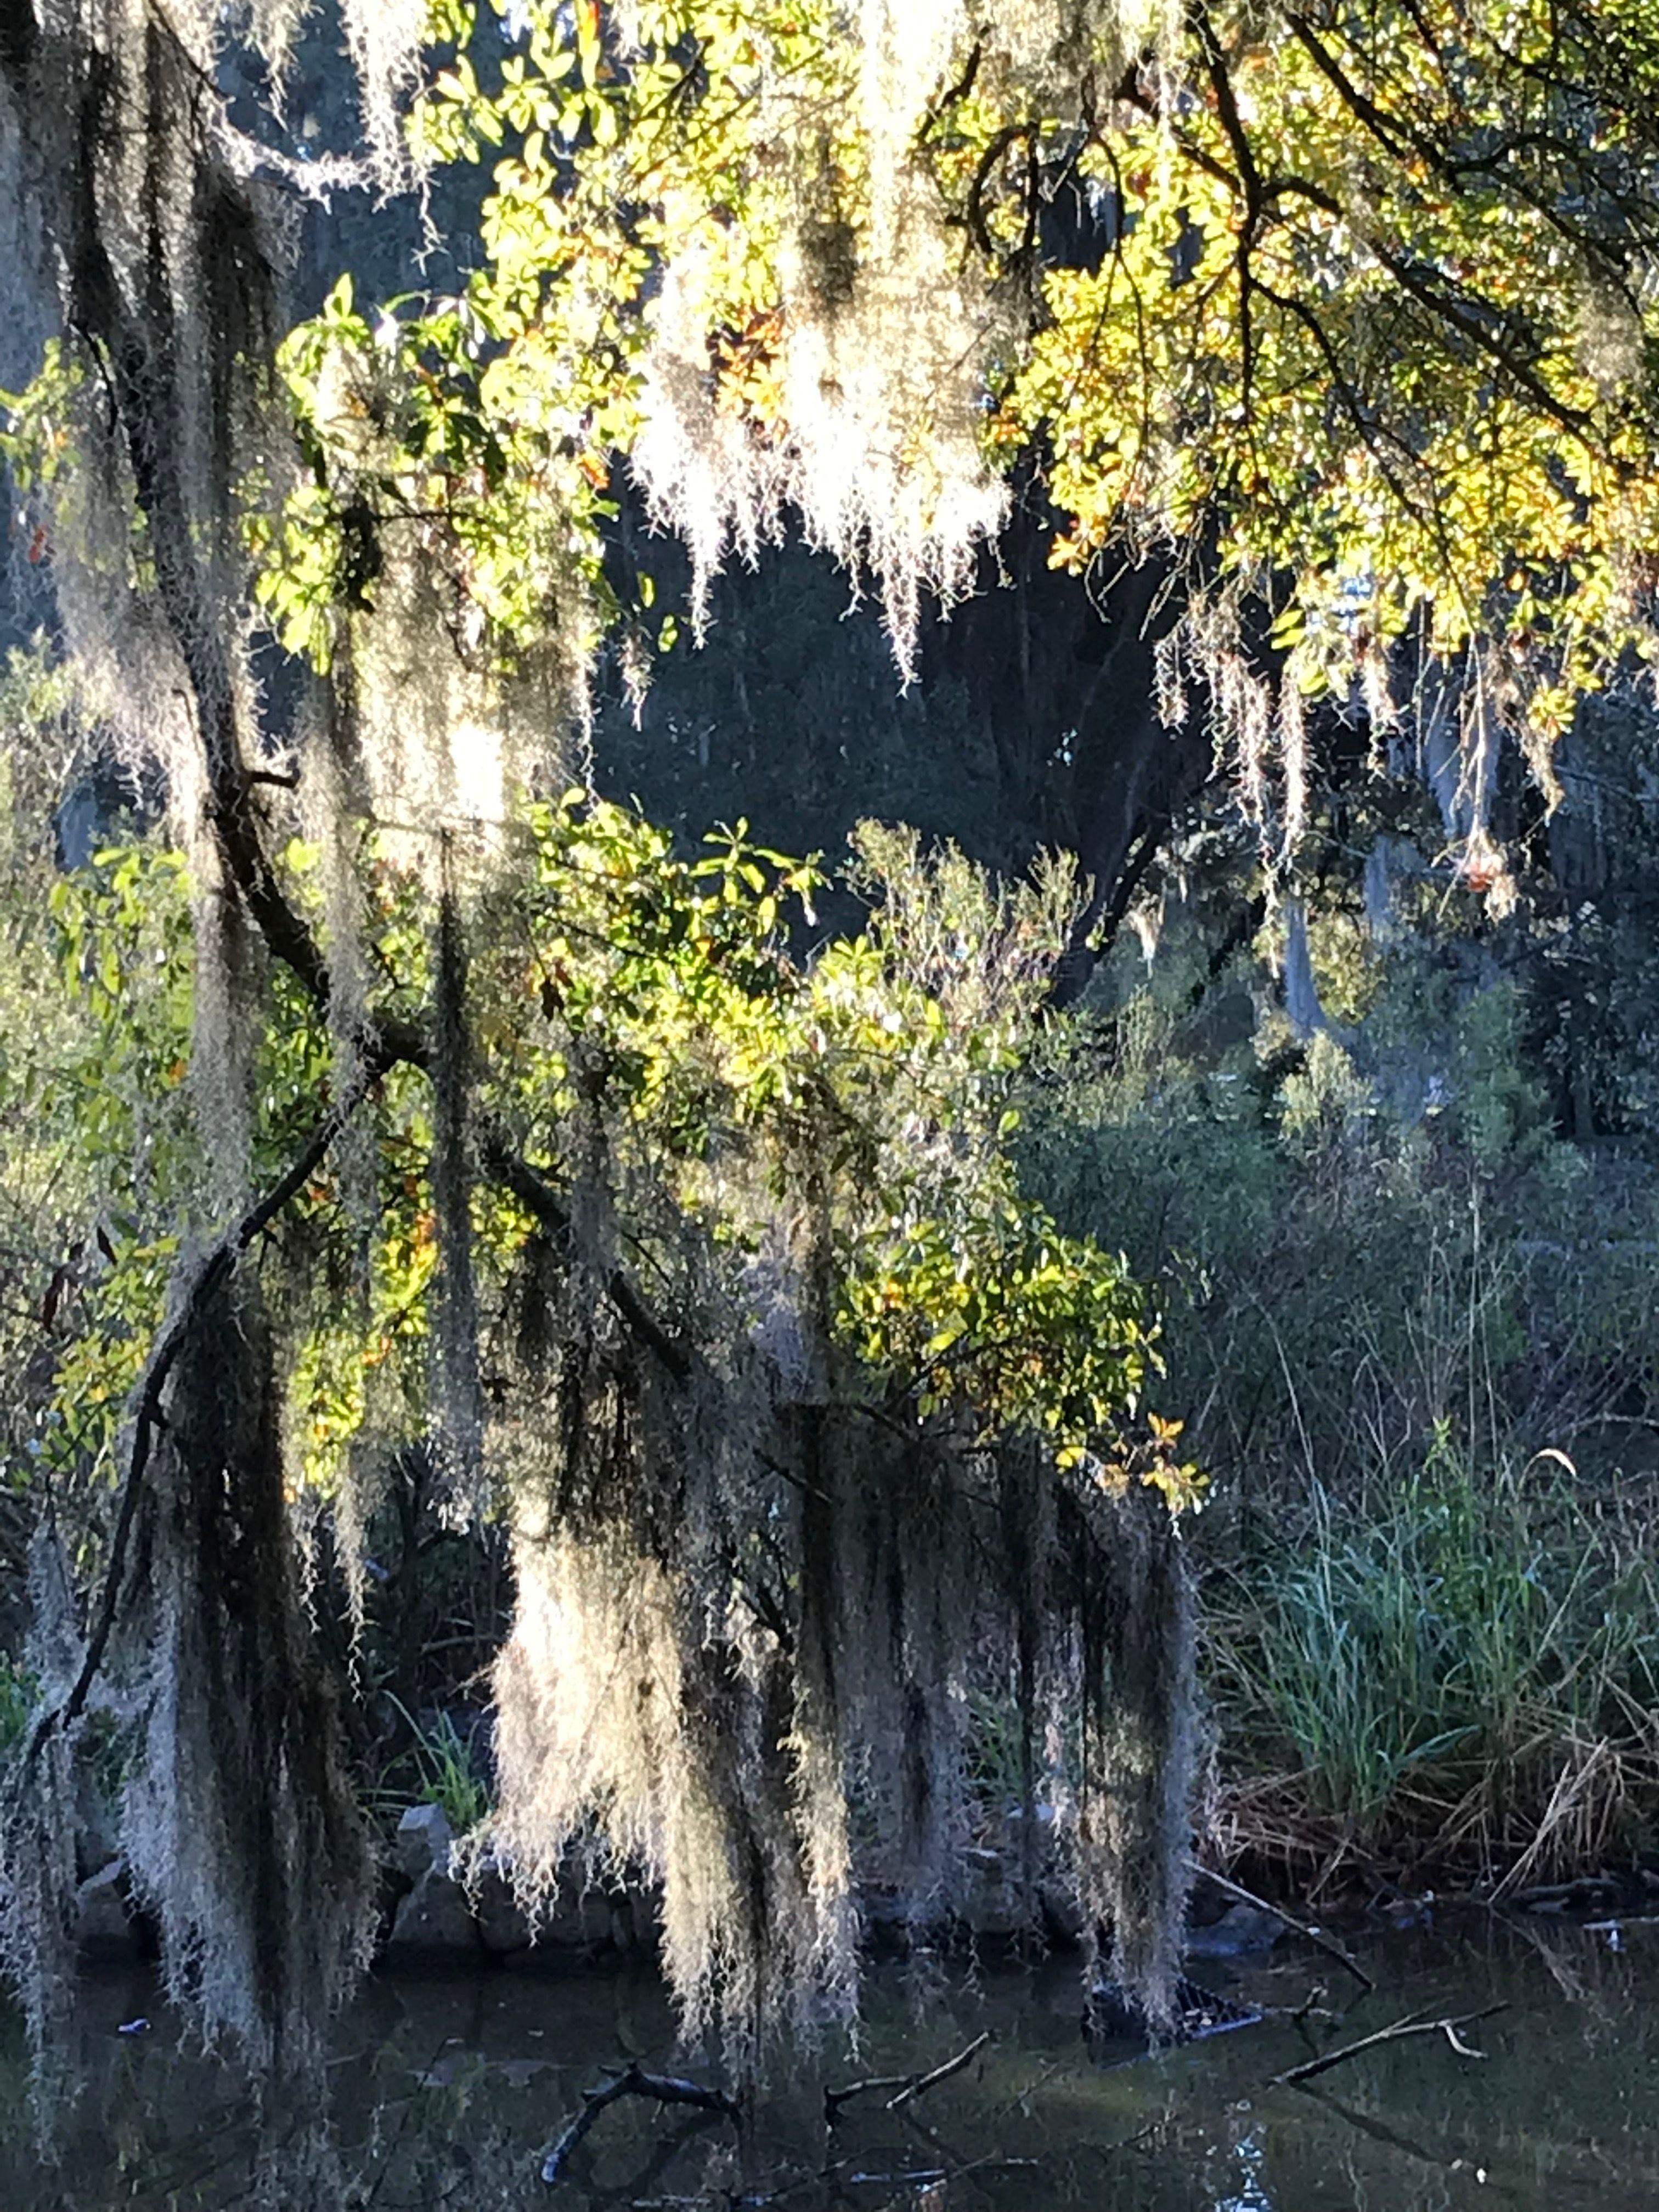 Pin by Coleen Marshall on Louisiana Beauty And History